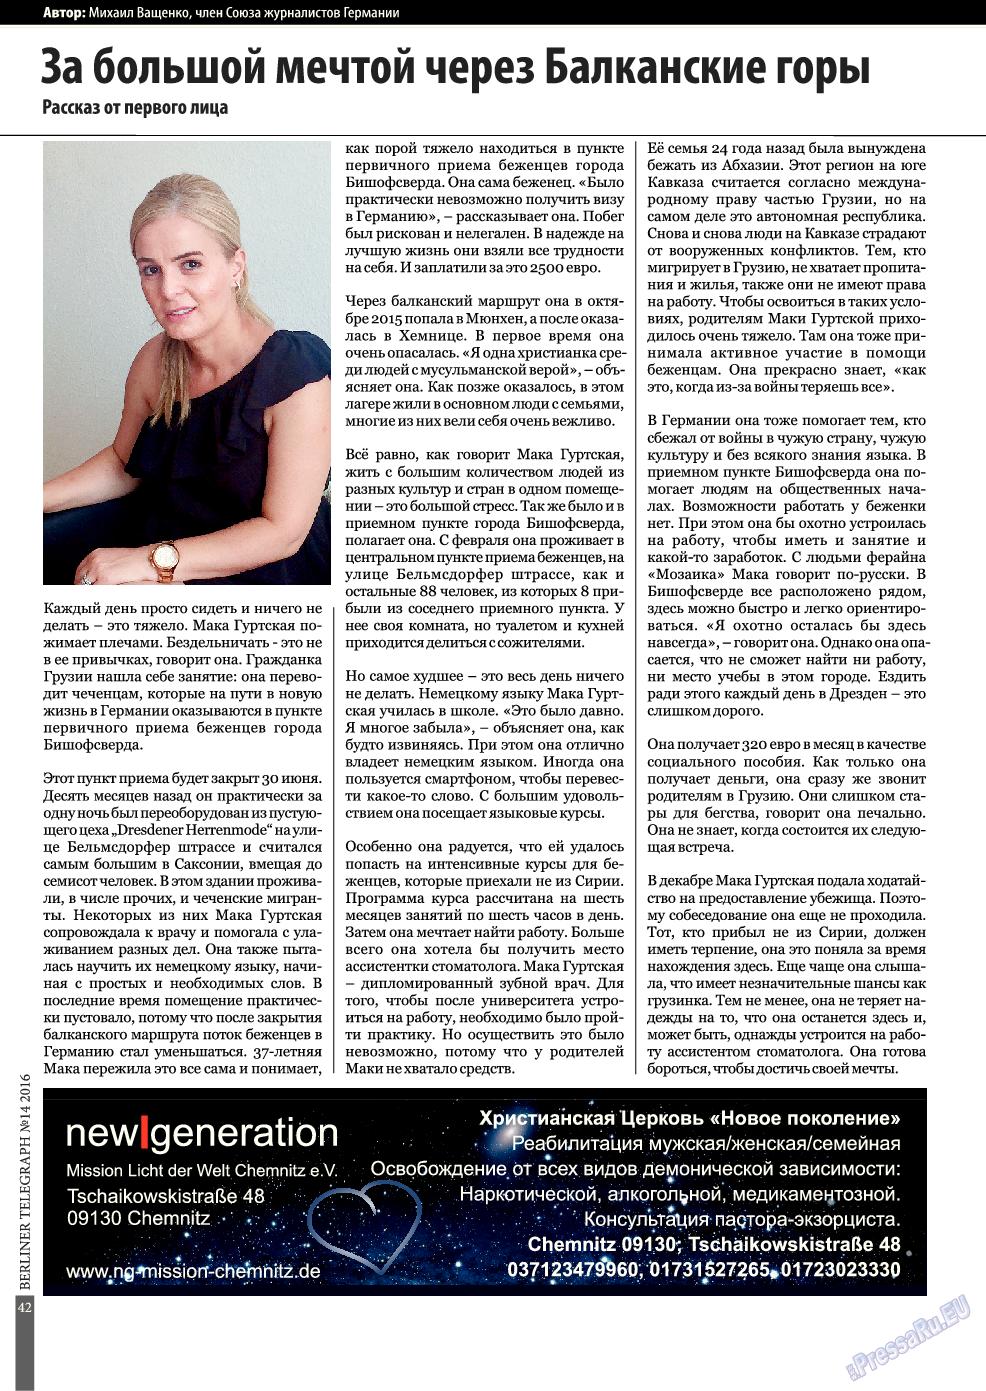 Берлинский телеграф (журнал). 2016 год, номер 14, стр. 42